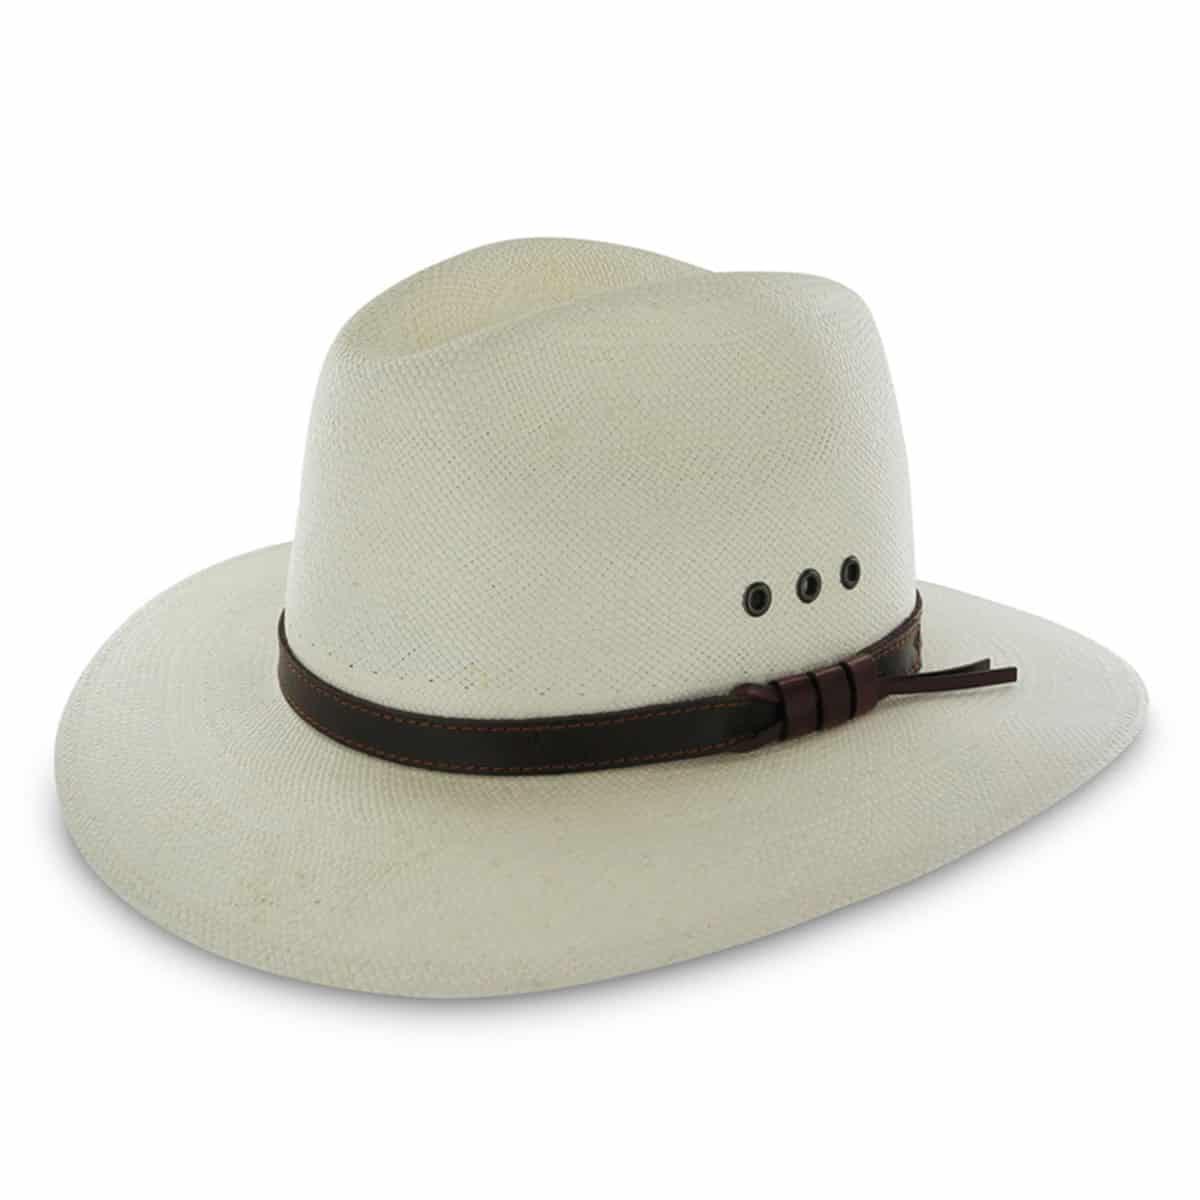 Cappello panama originale  5f8cab9bfdda